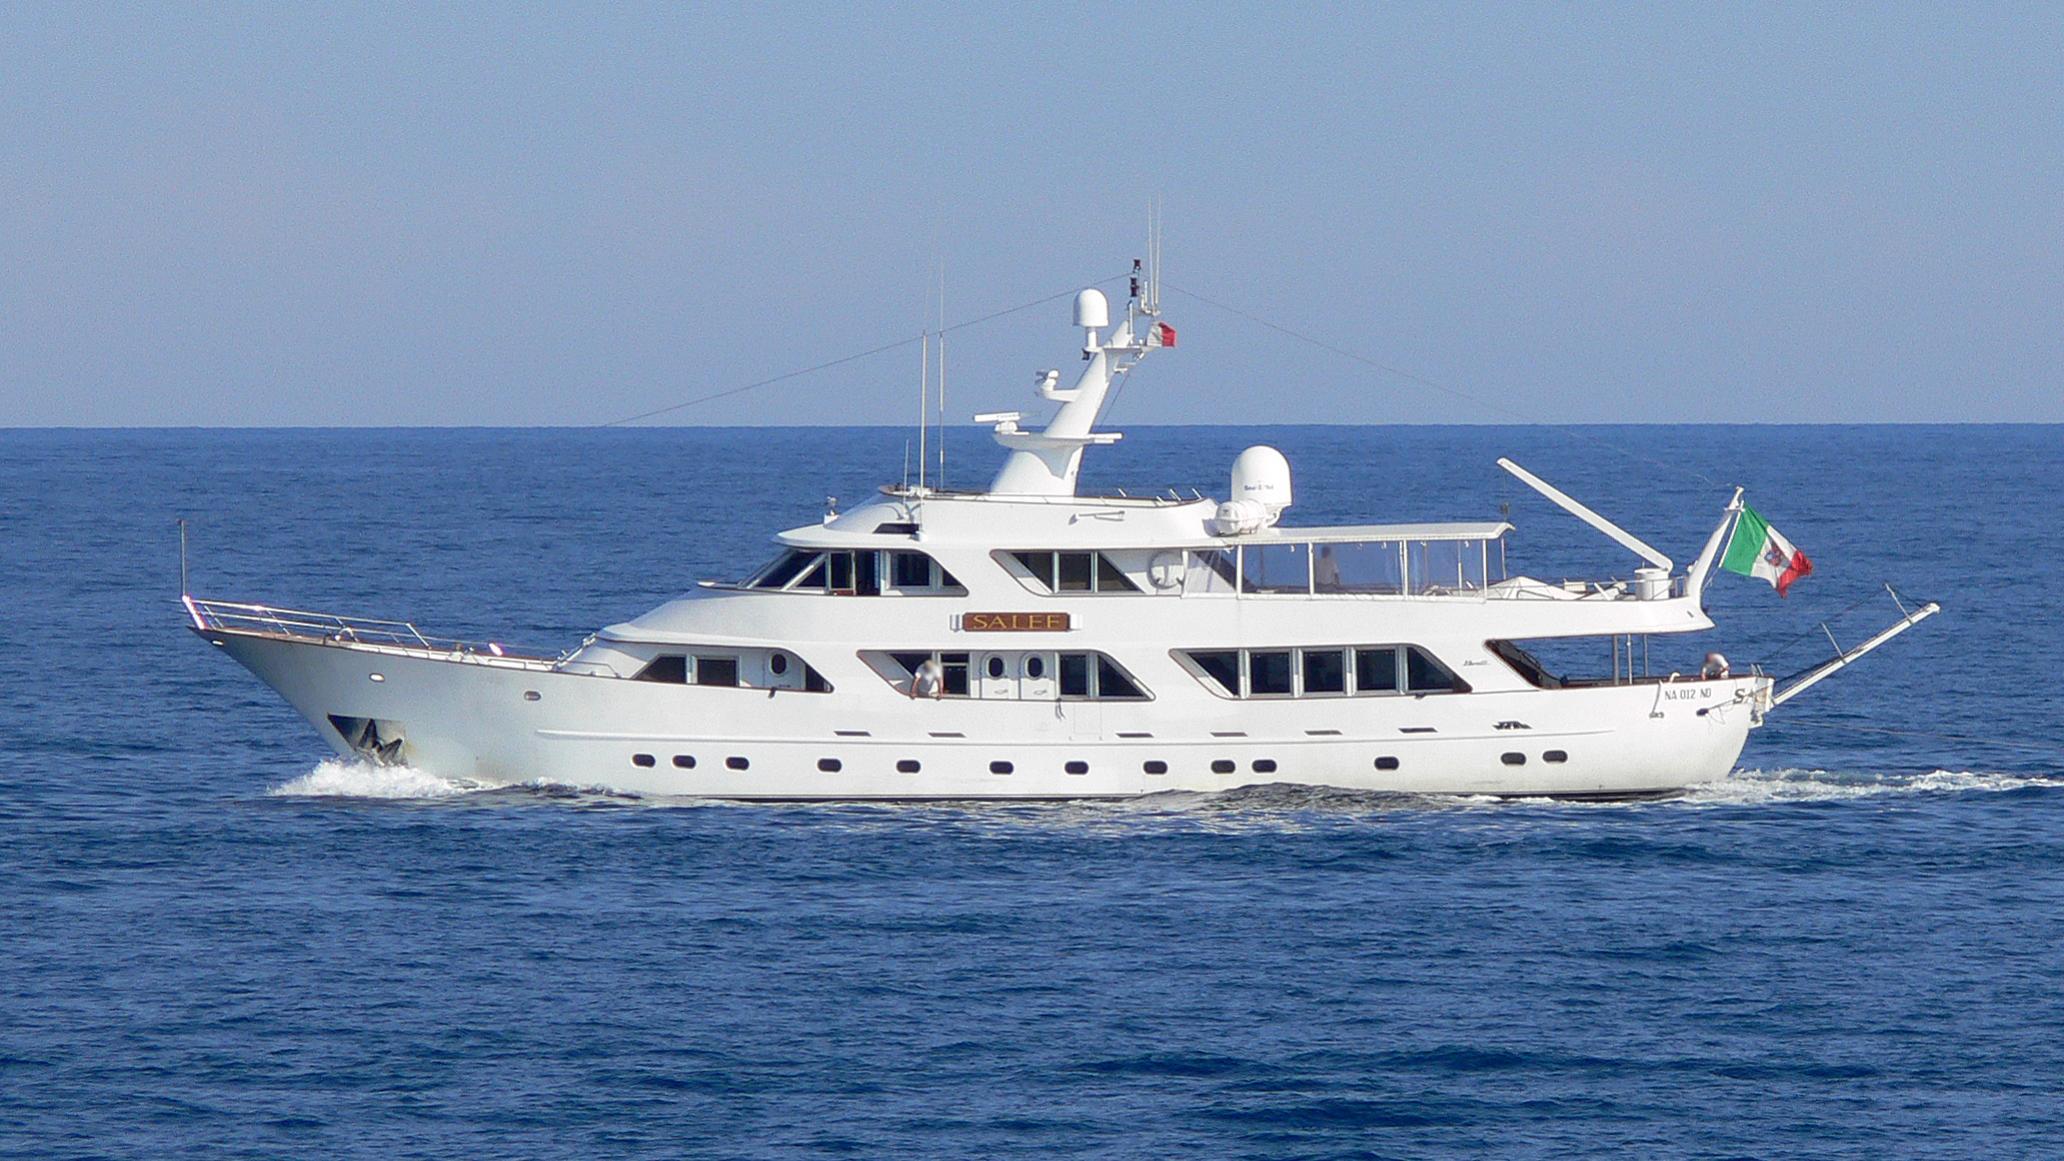 to-je-to-salee-motor-yacht-benetti-1981-35m-cruising